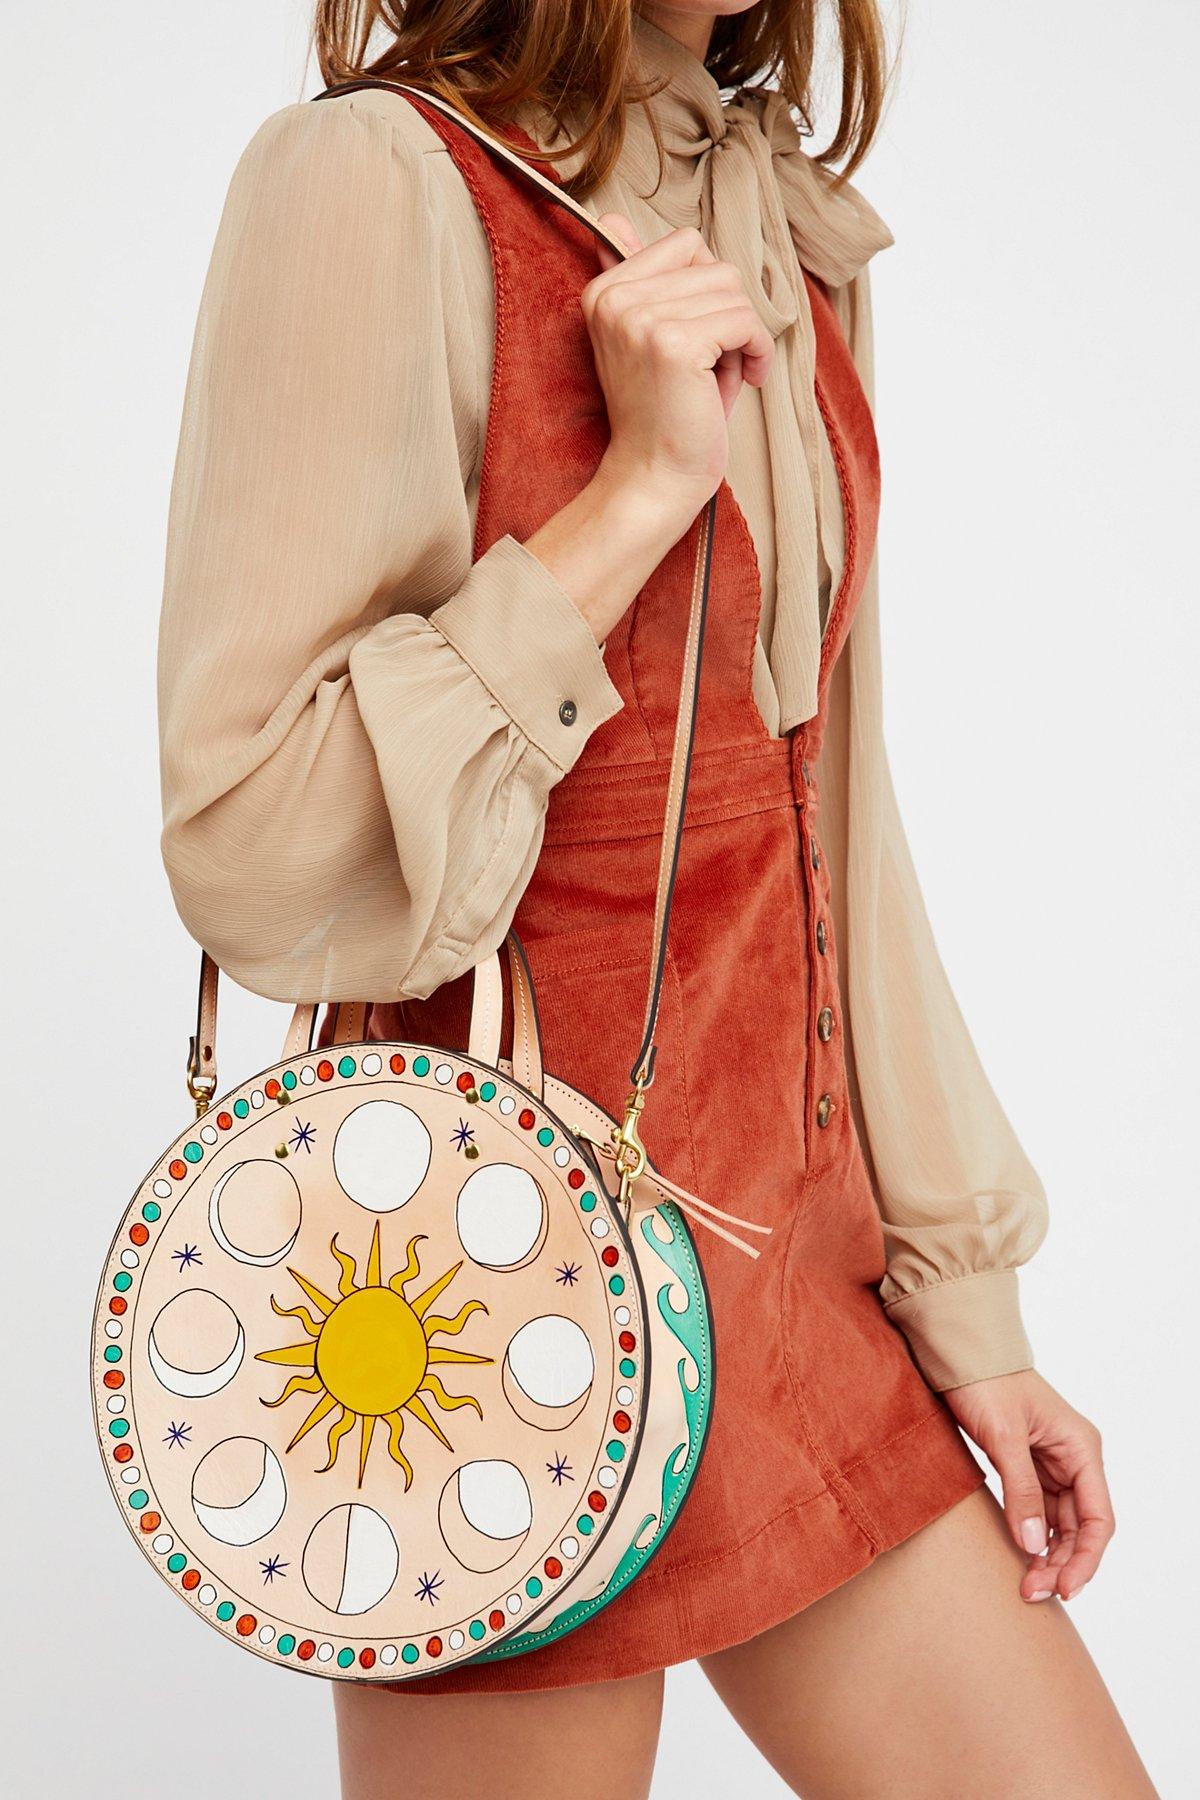 Celeste圆形手提包